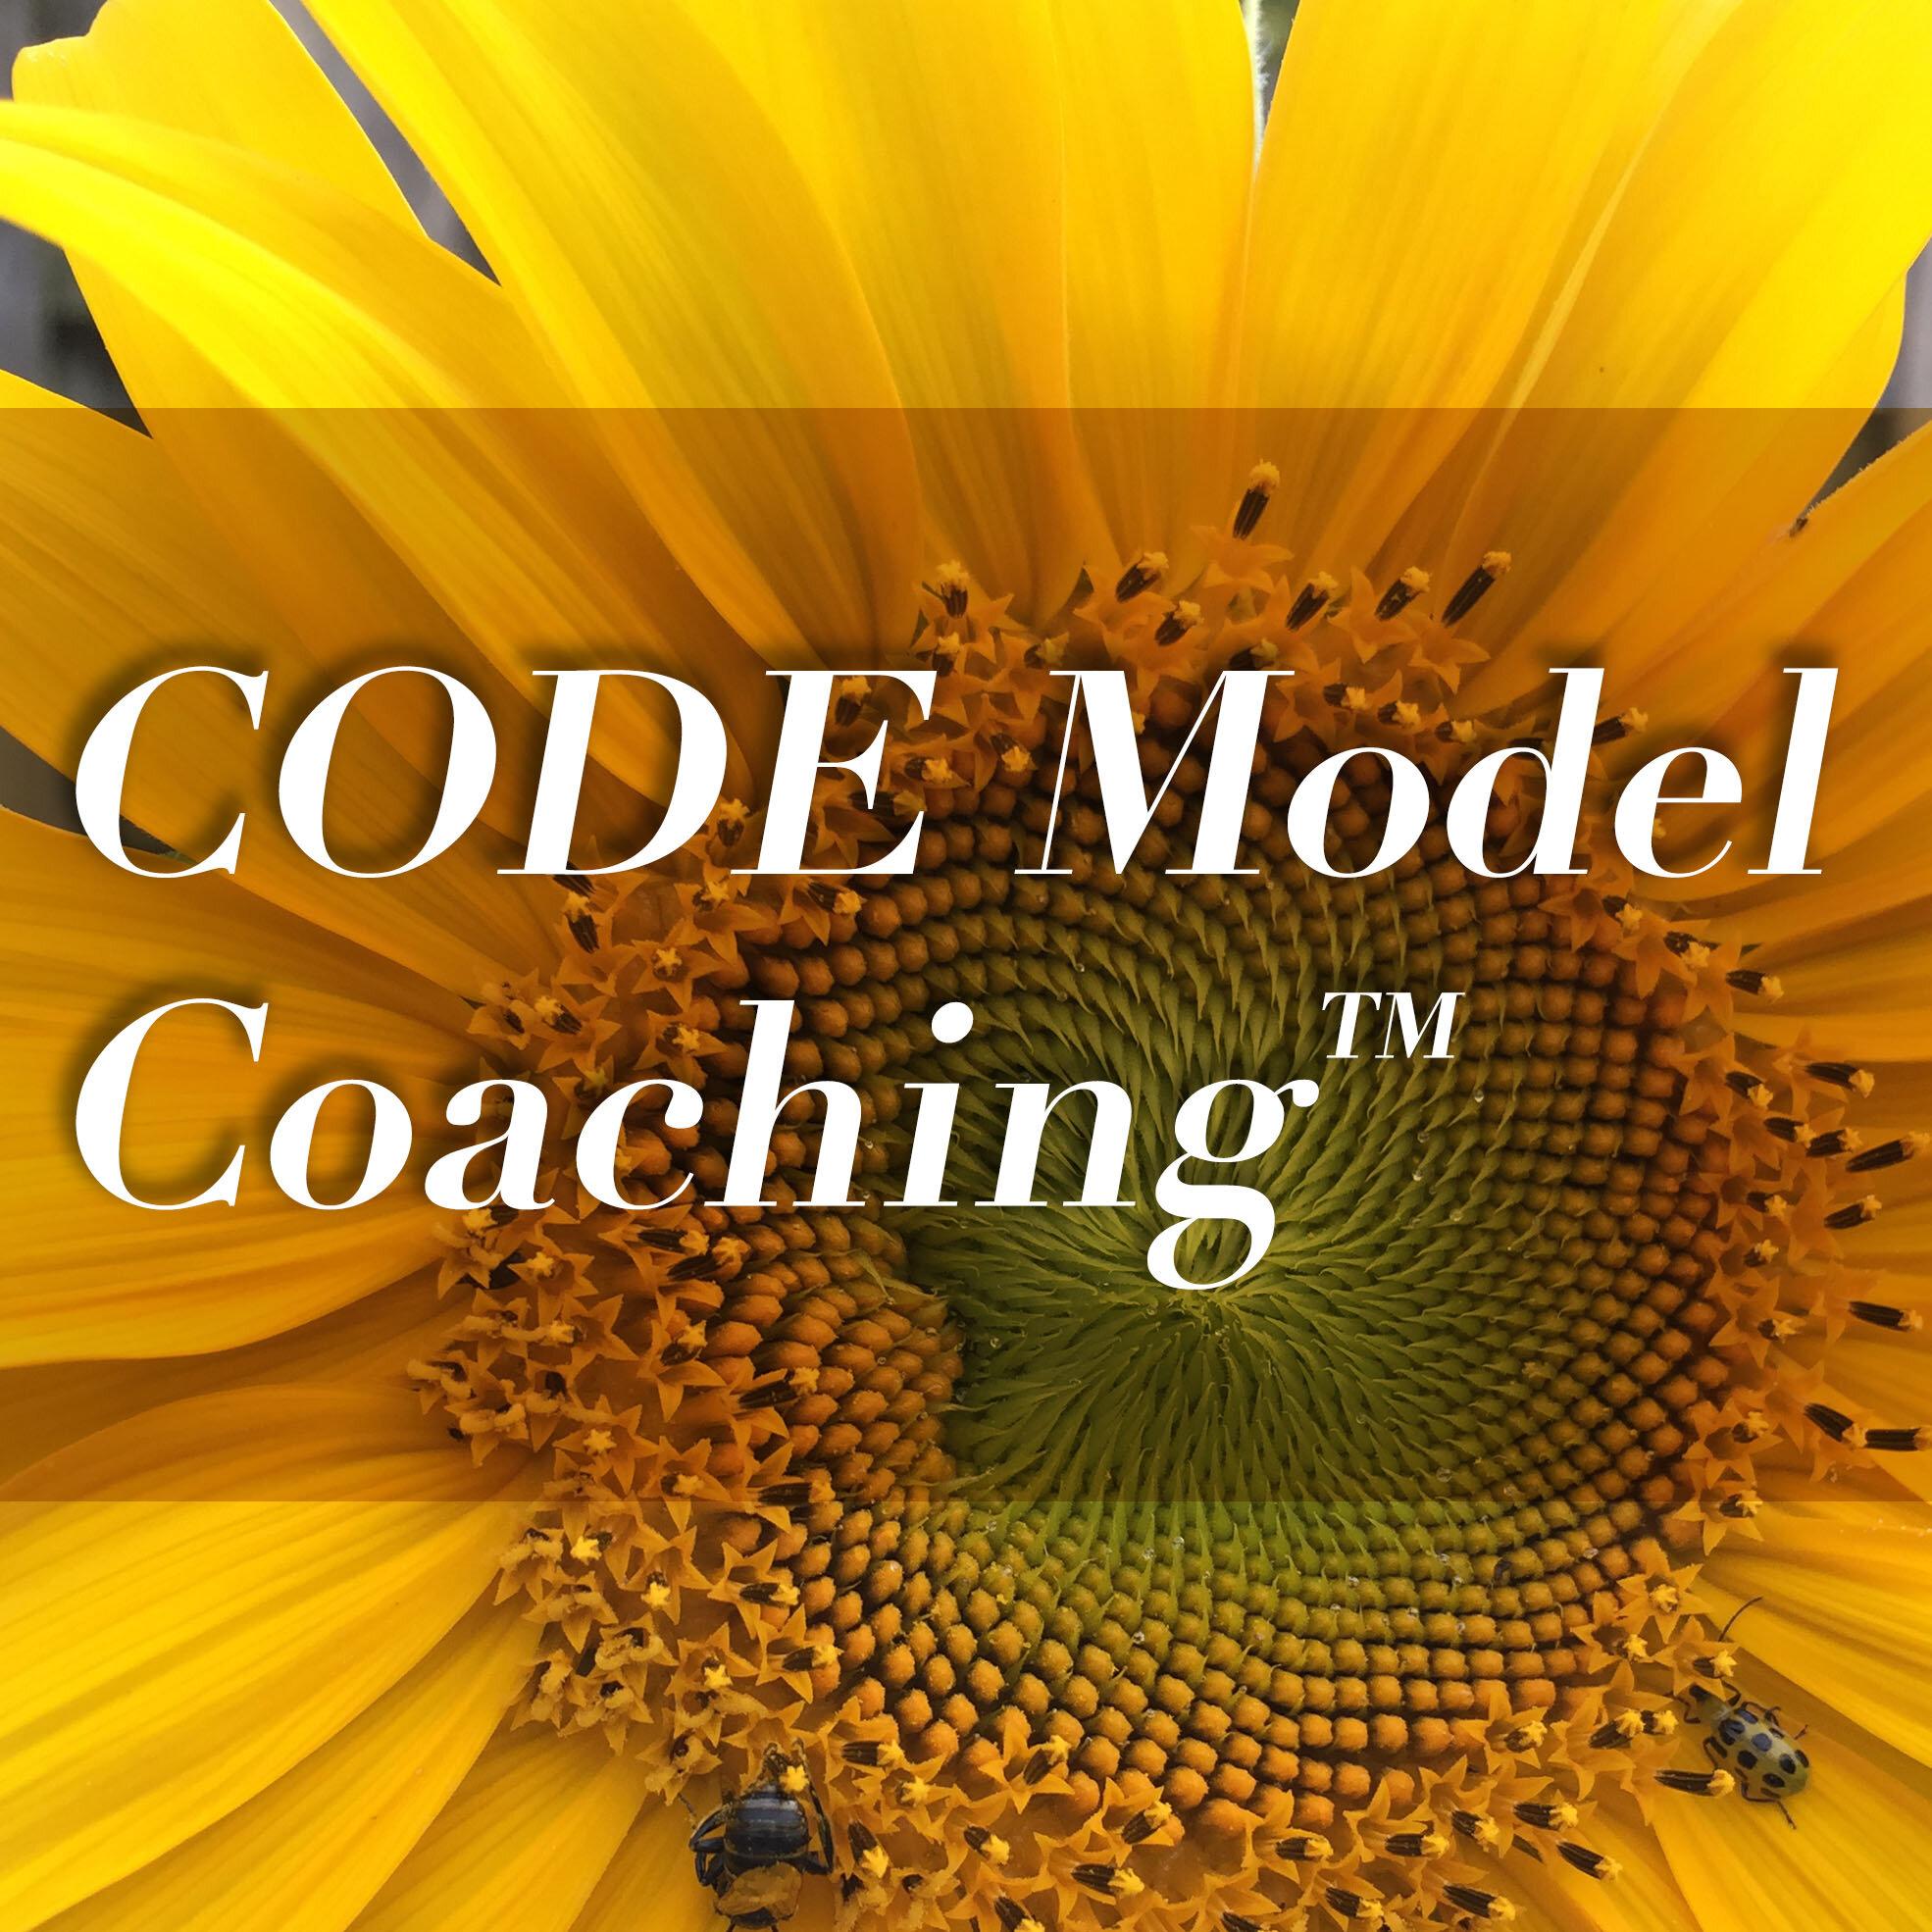 Code_Model_coaching.jpg